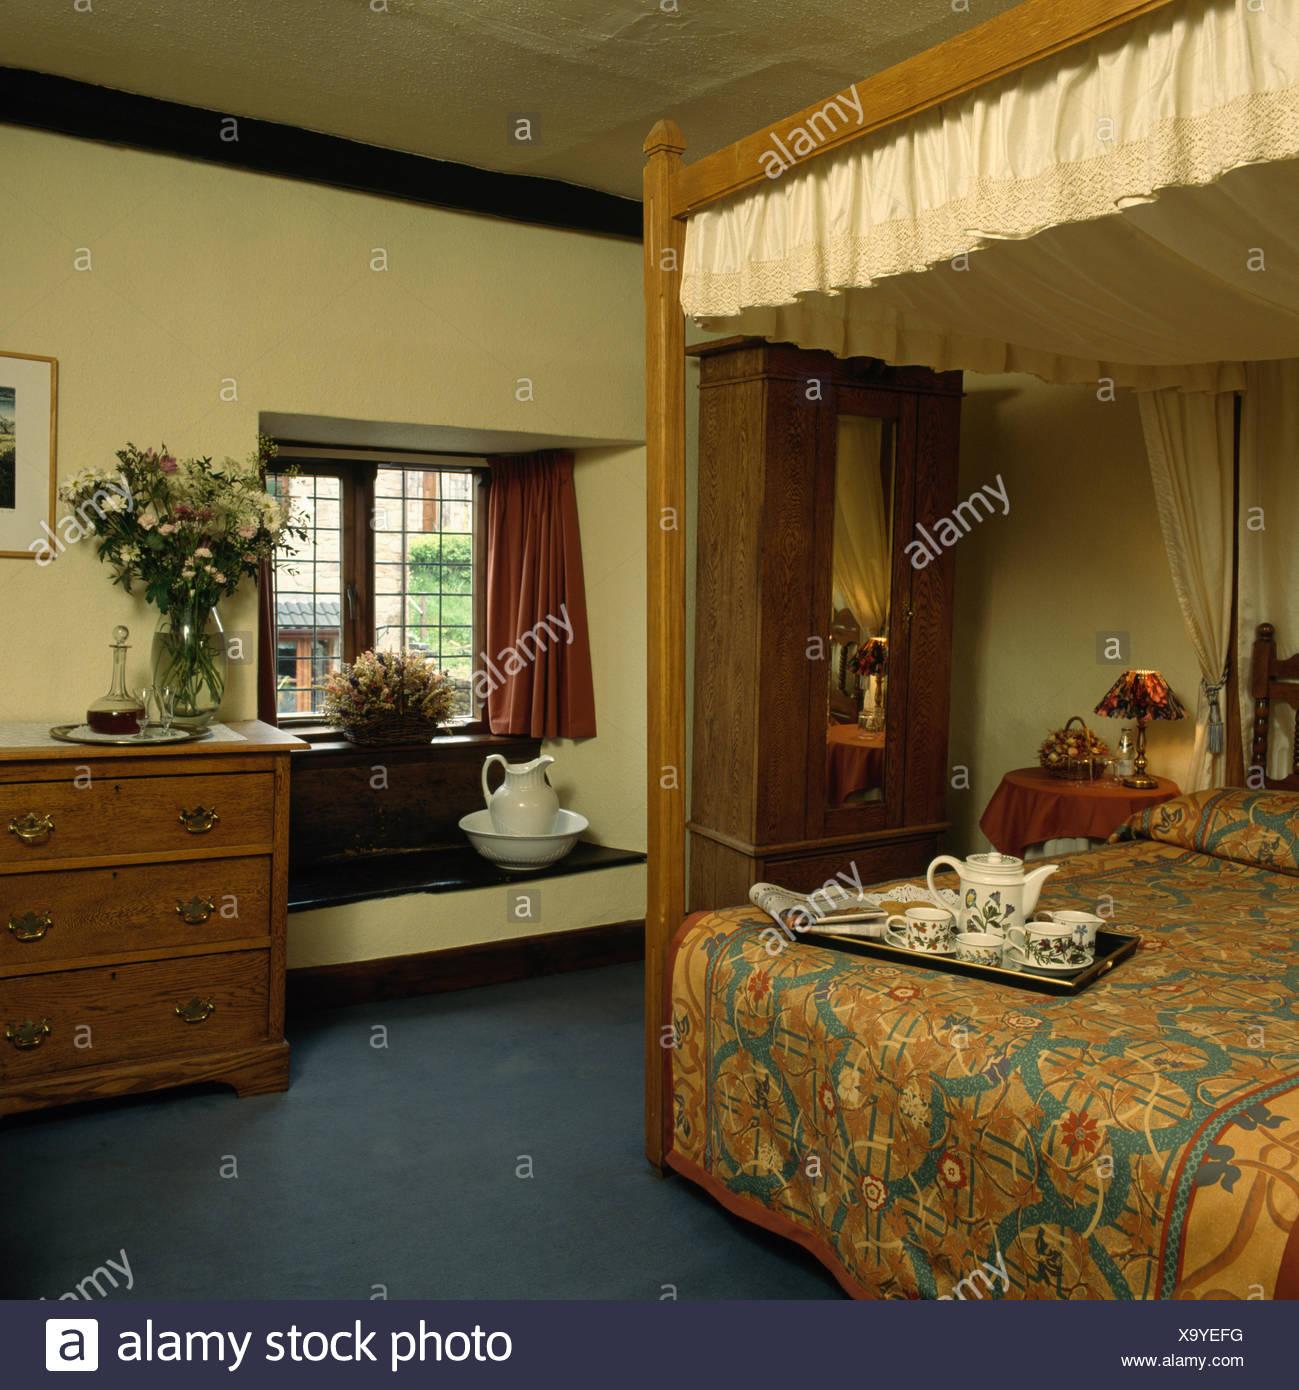 Camere Da Letto Anni 80 vassoio colazione a letto fourposter nella camera da letto